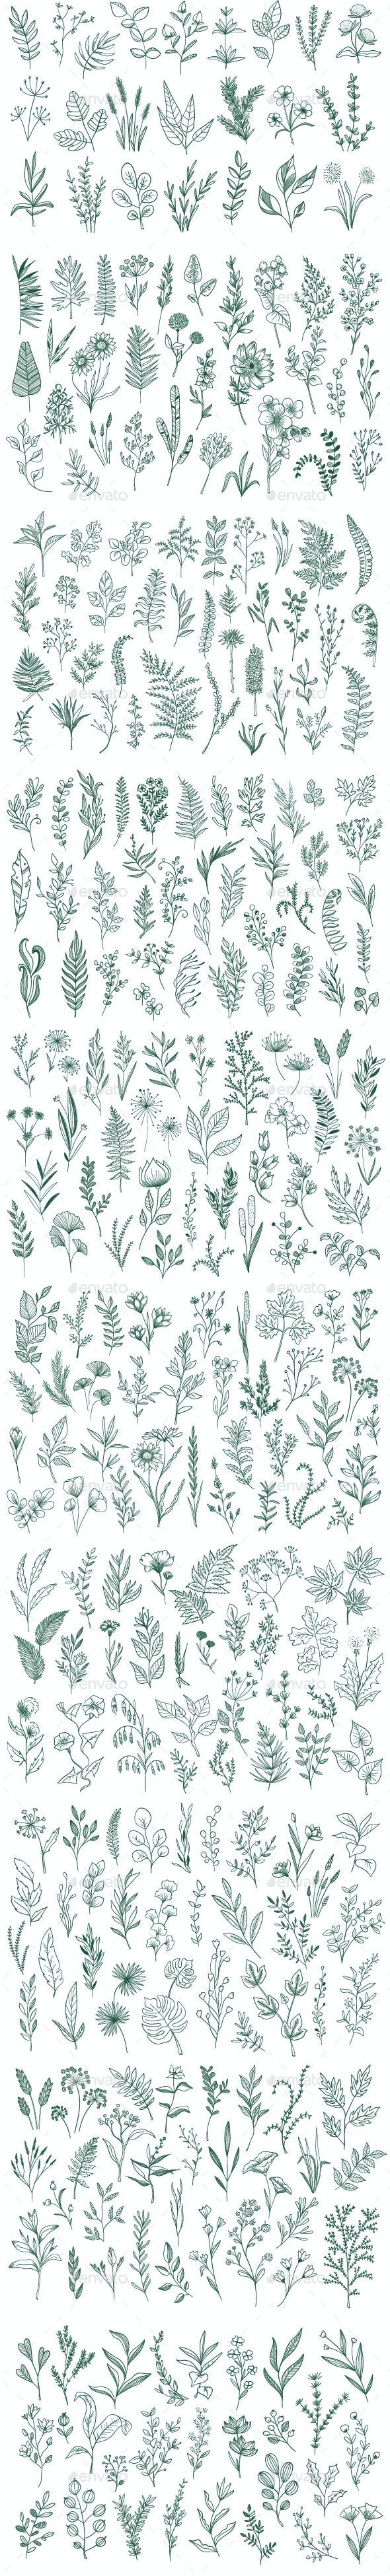 Hand Drawn Floral Decorative Element - Flowers & Plants Nature